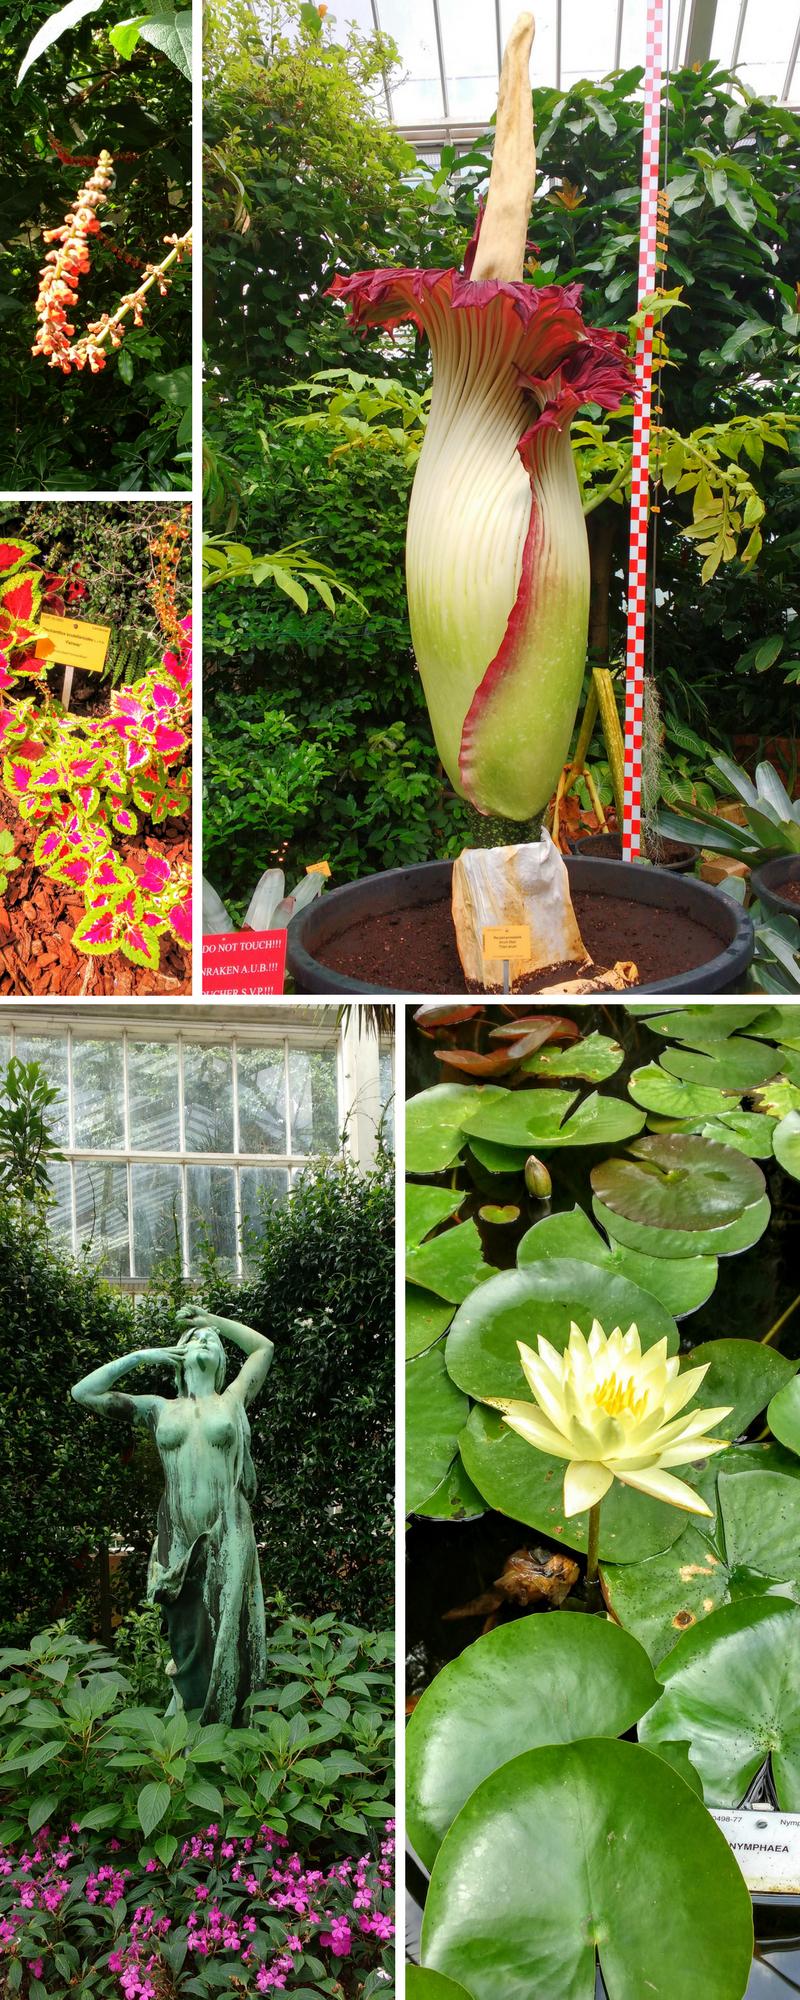 매이스에 있는 식물원 - 꽃